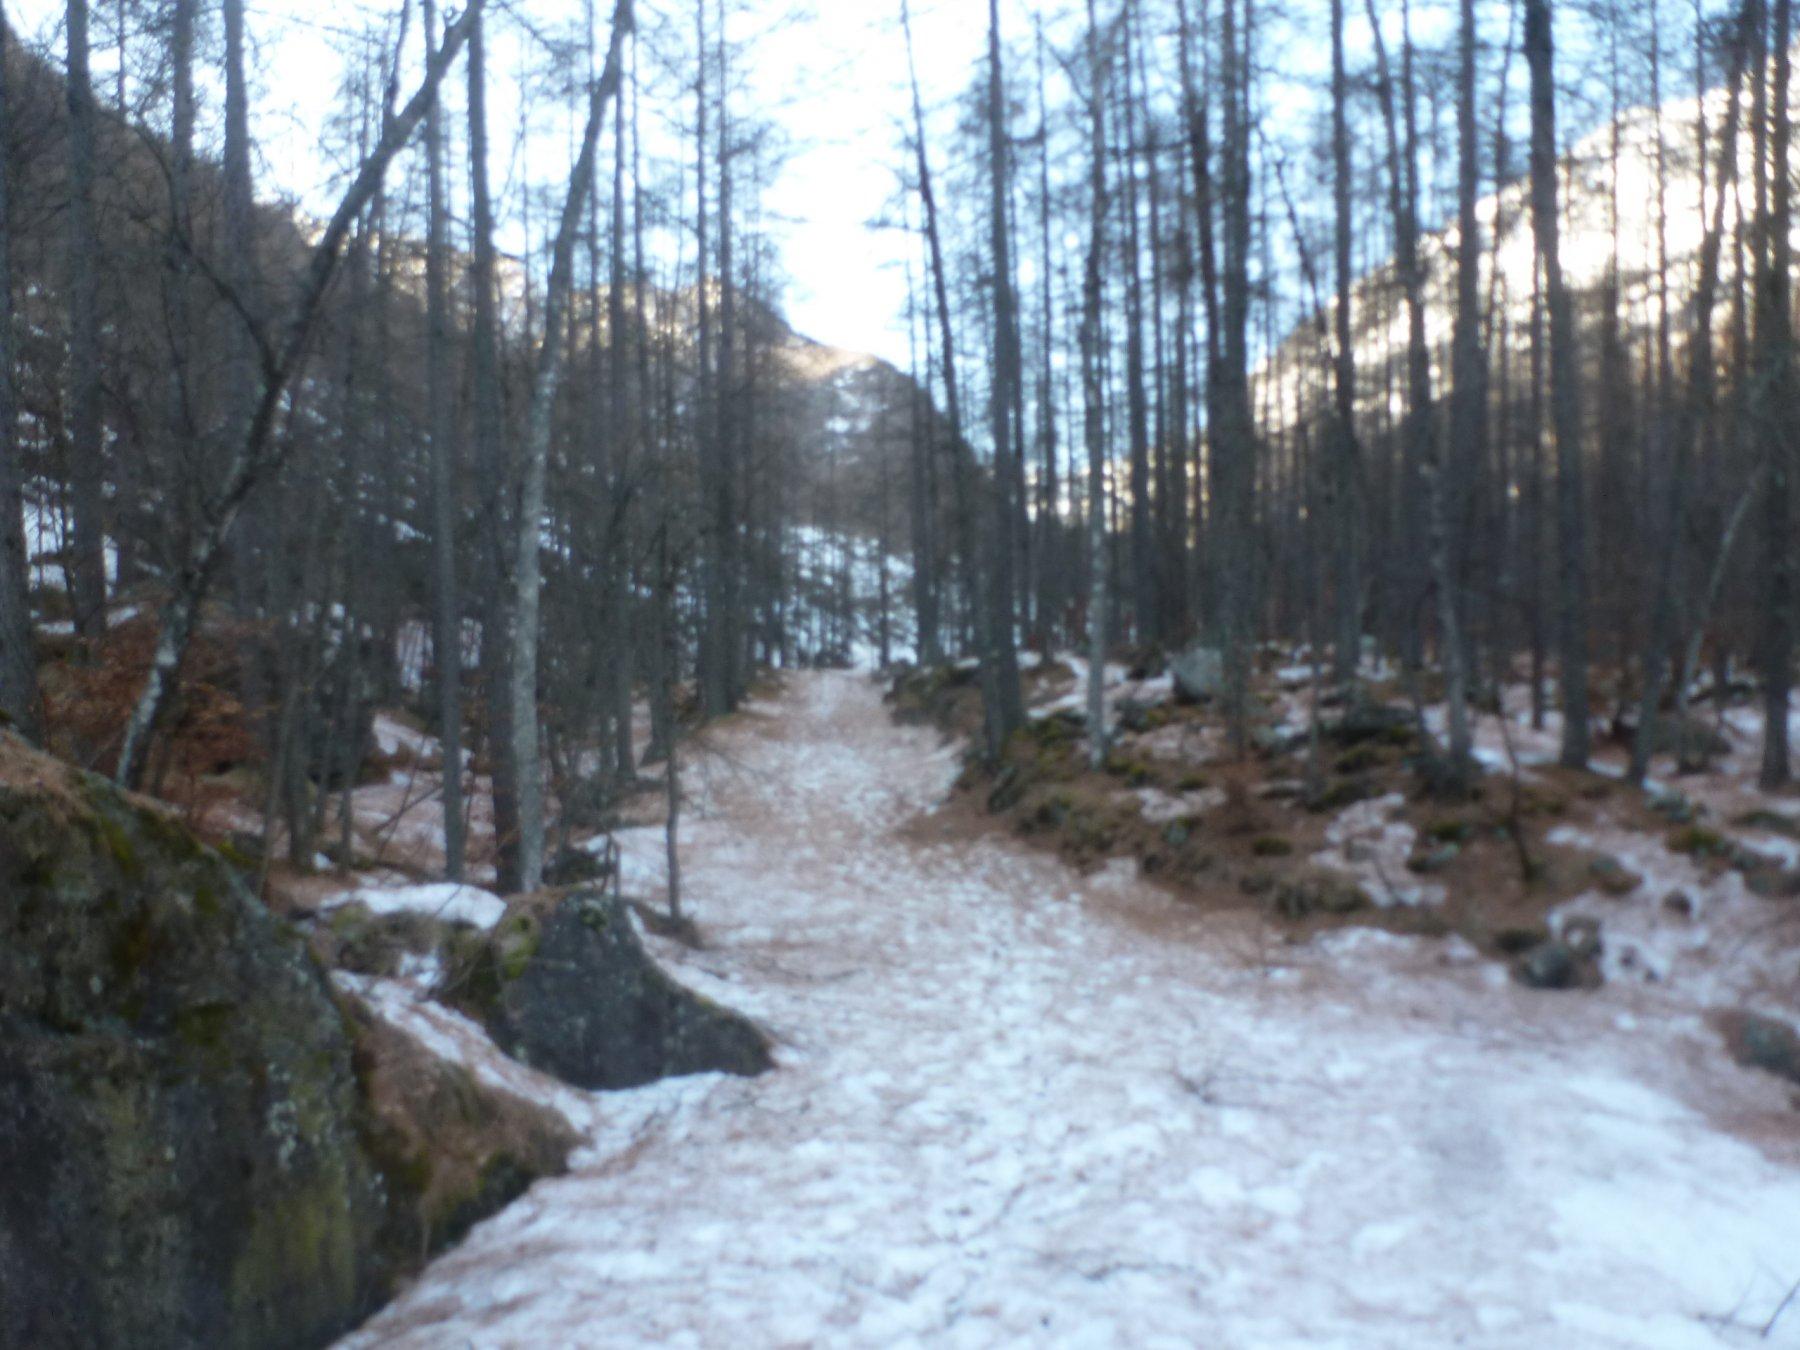 Mondrone (Frazione) da Ala di Stura per il Sentiero dell'Invers 2020-01-14